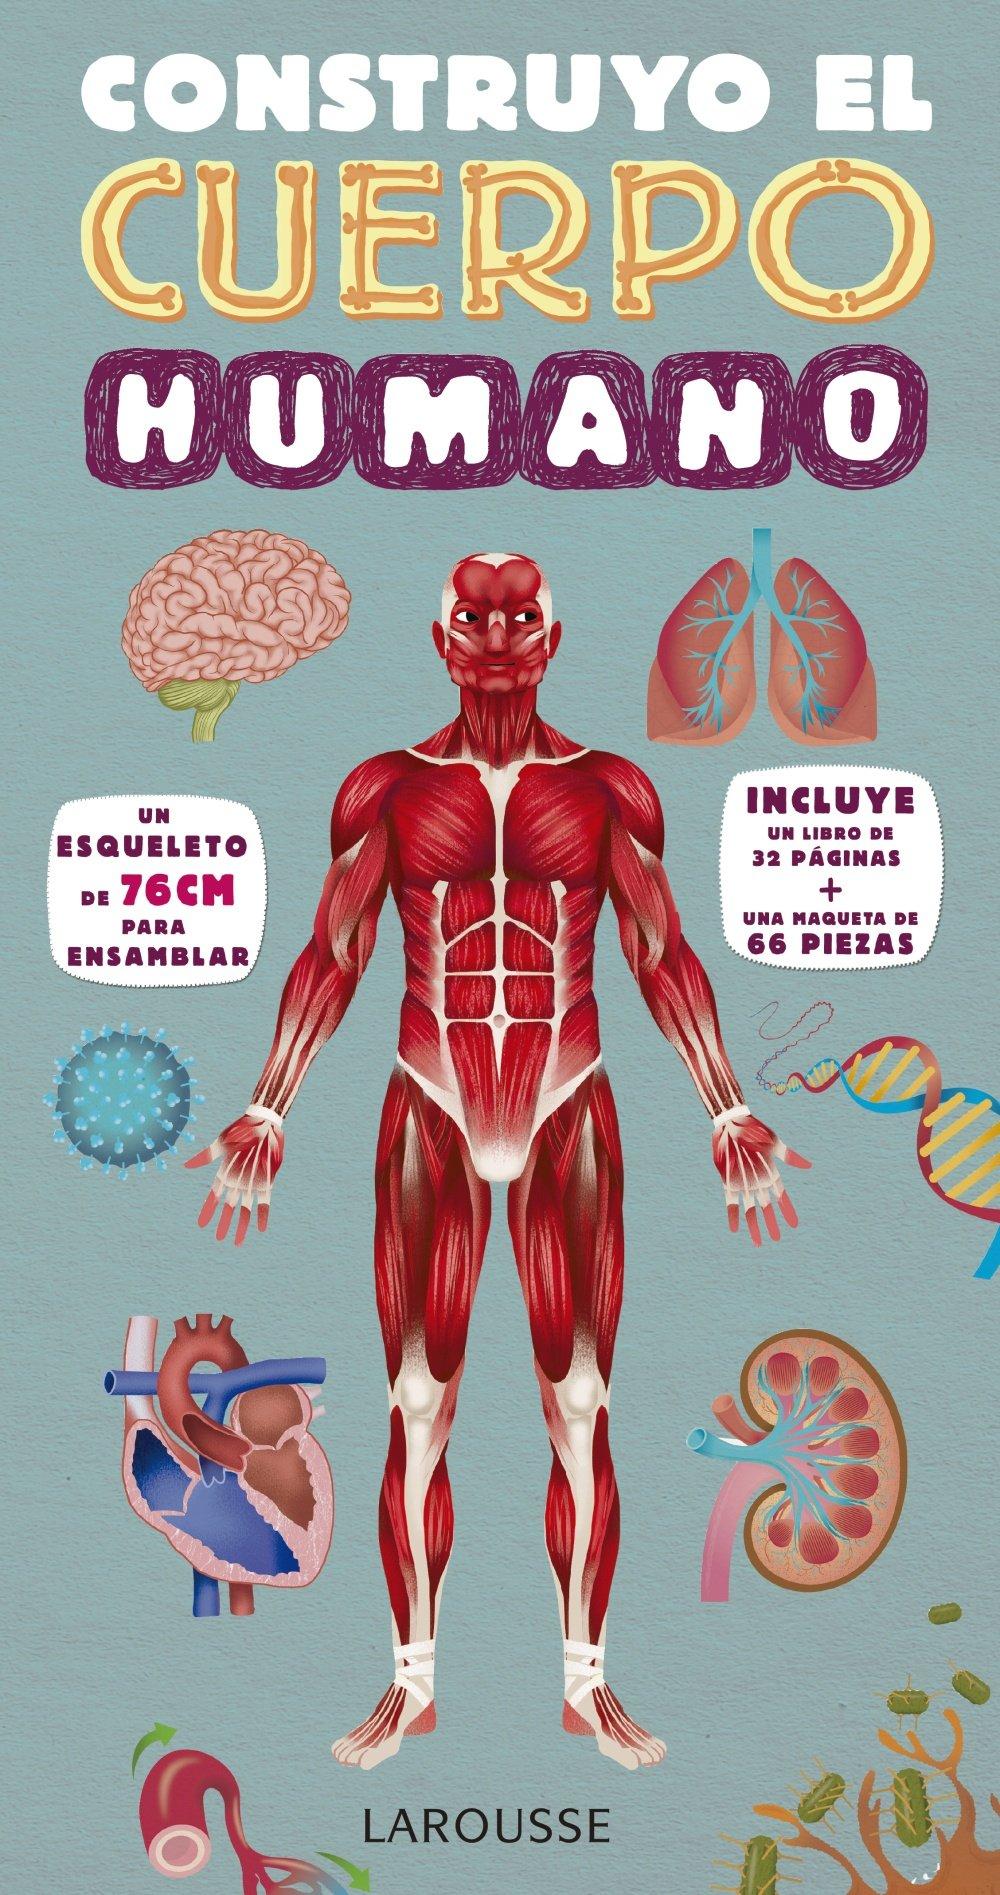 Construyo el cuerpo humano (Spanish Edition): Mark Ruffle ...